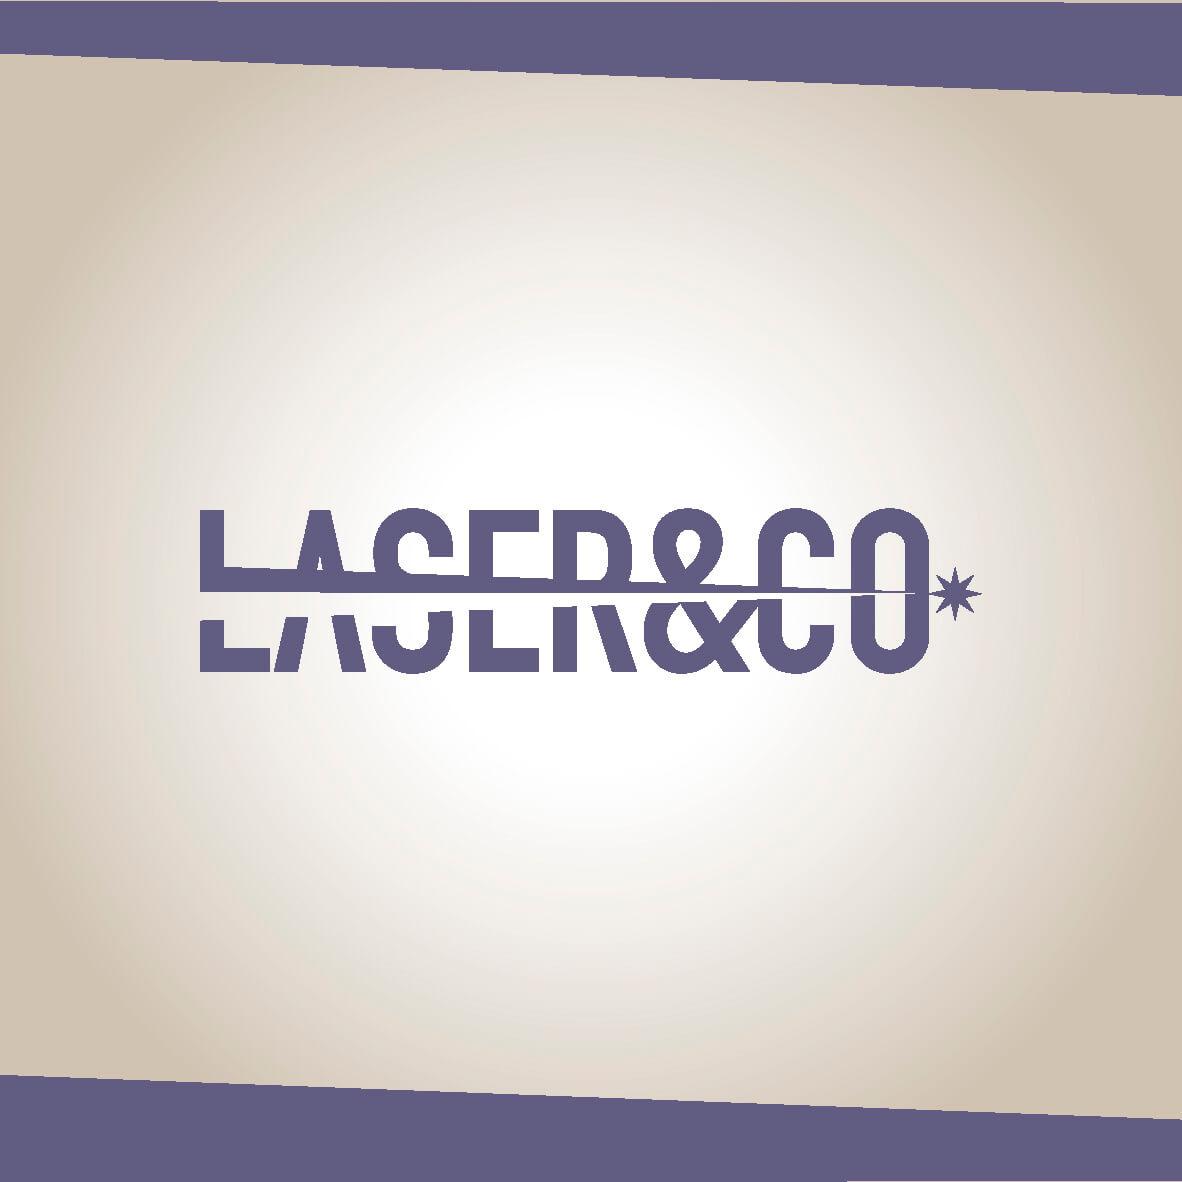 Laser & CO